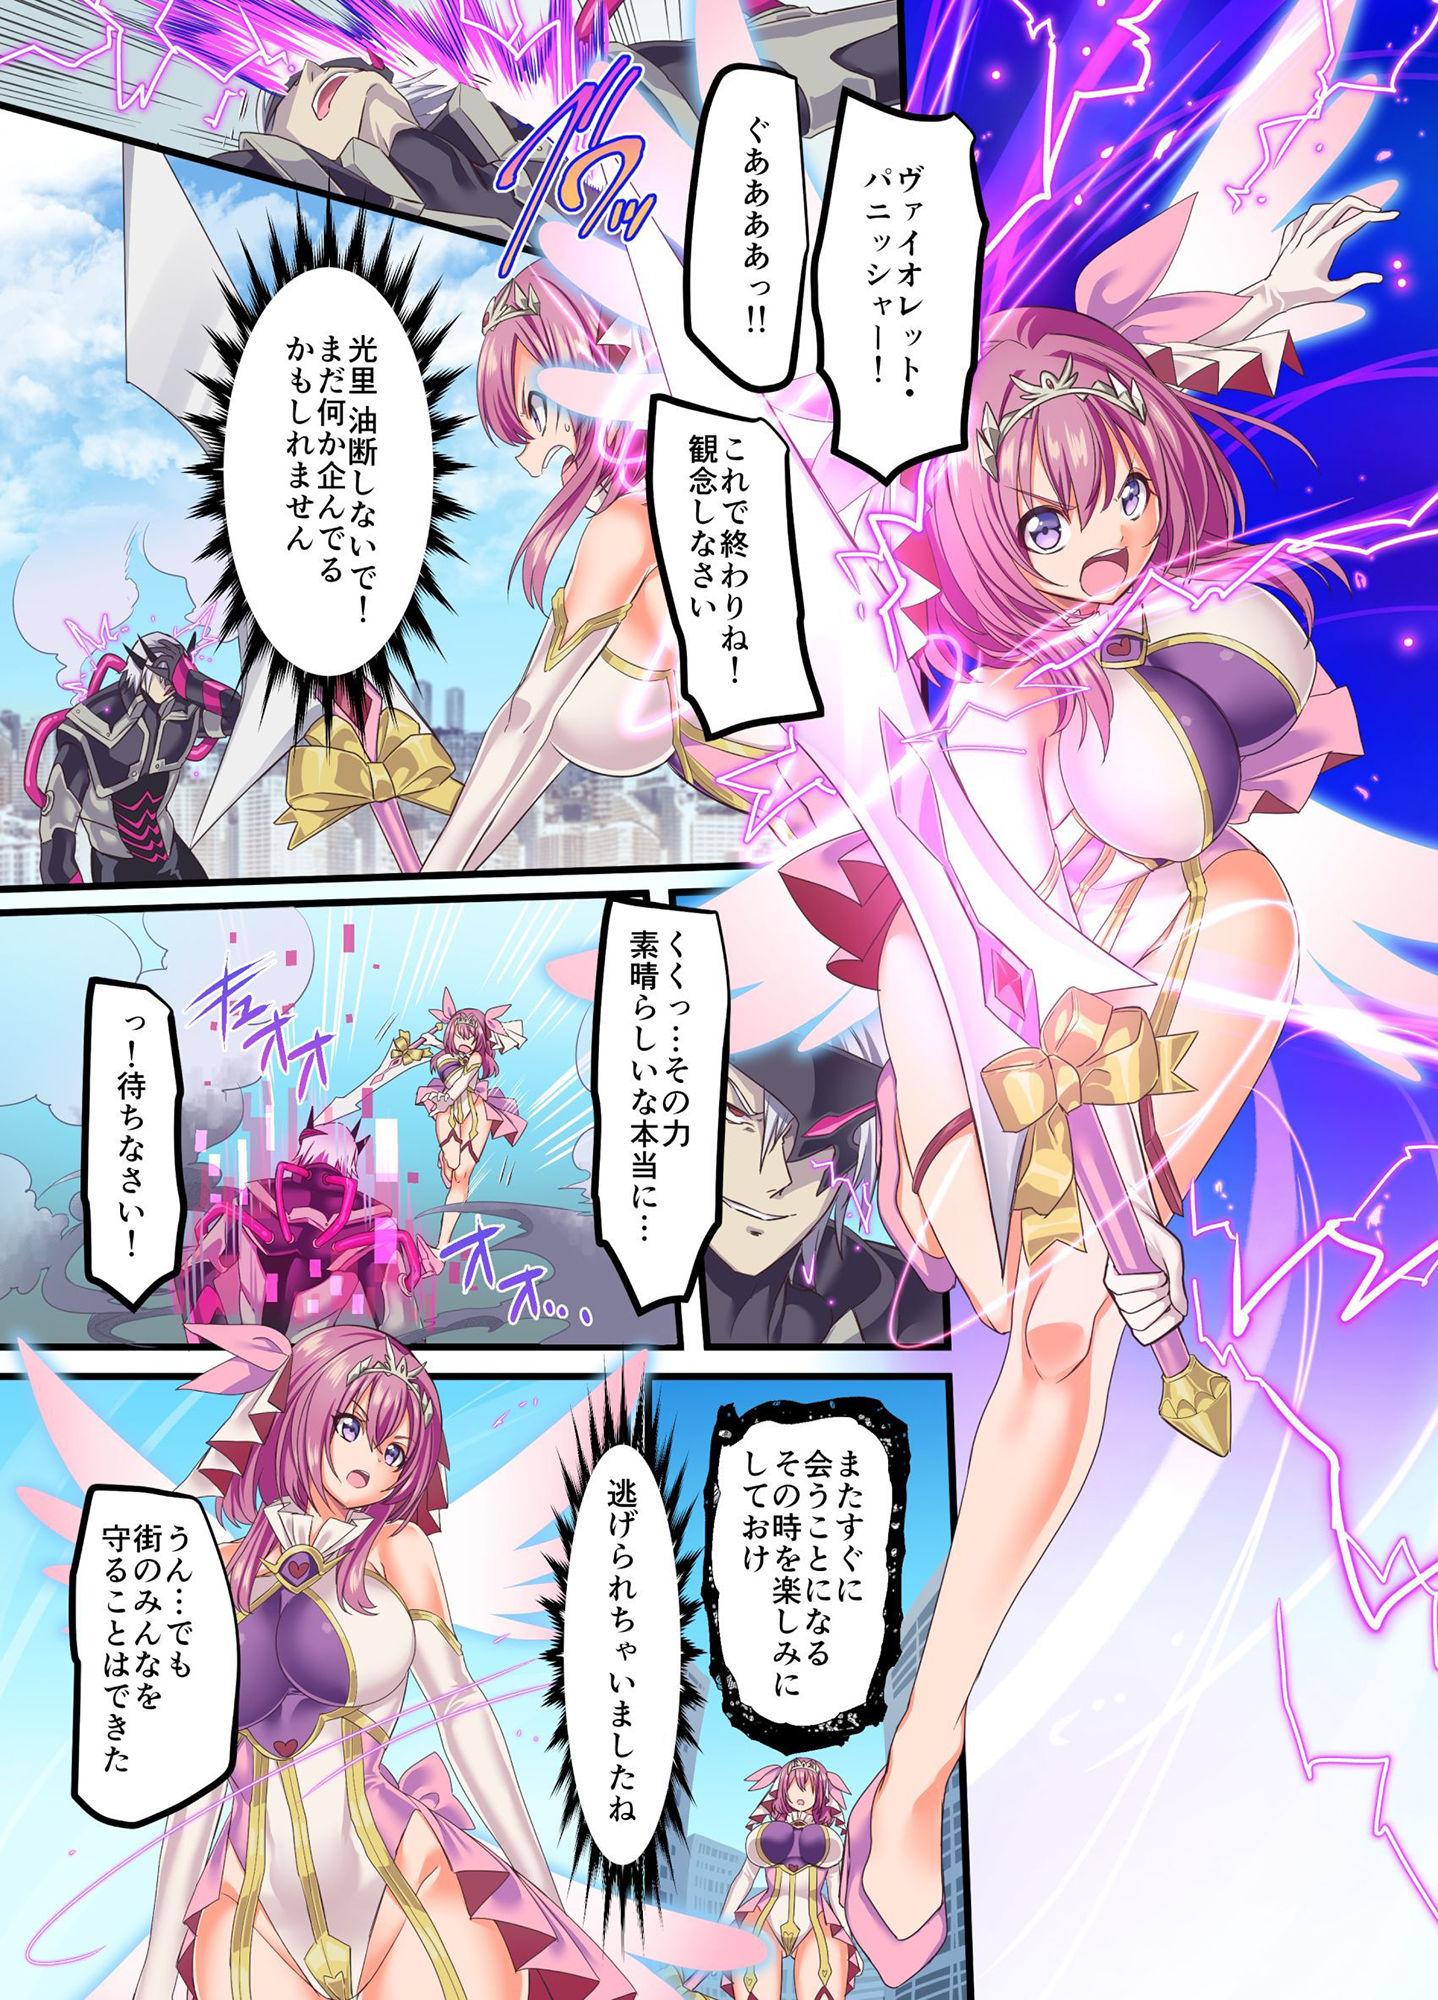 閃光纏姫フェリシア~狙われた憑依変身ヒロインの肉体~1